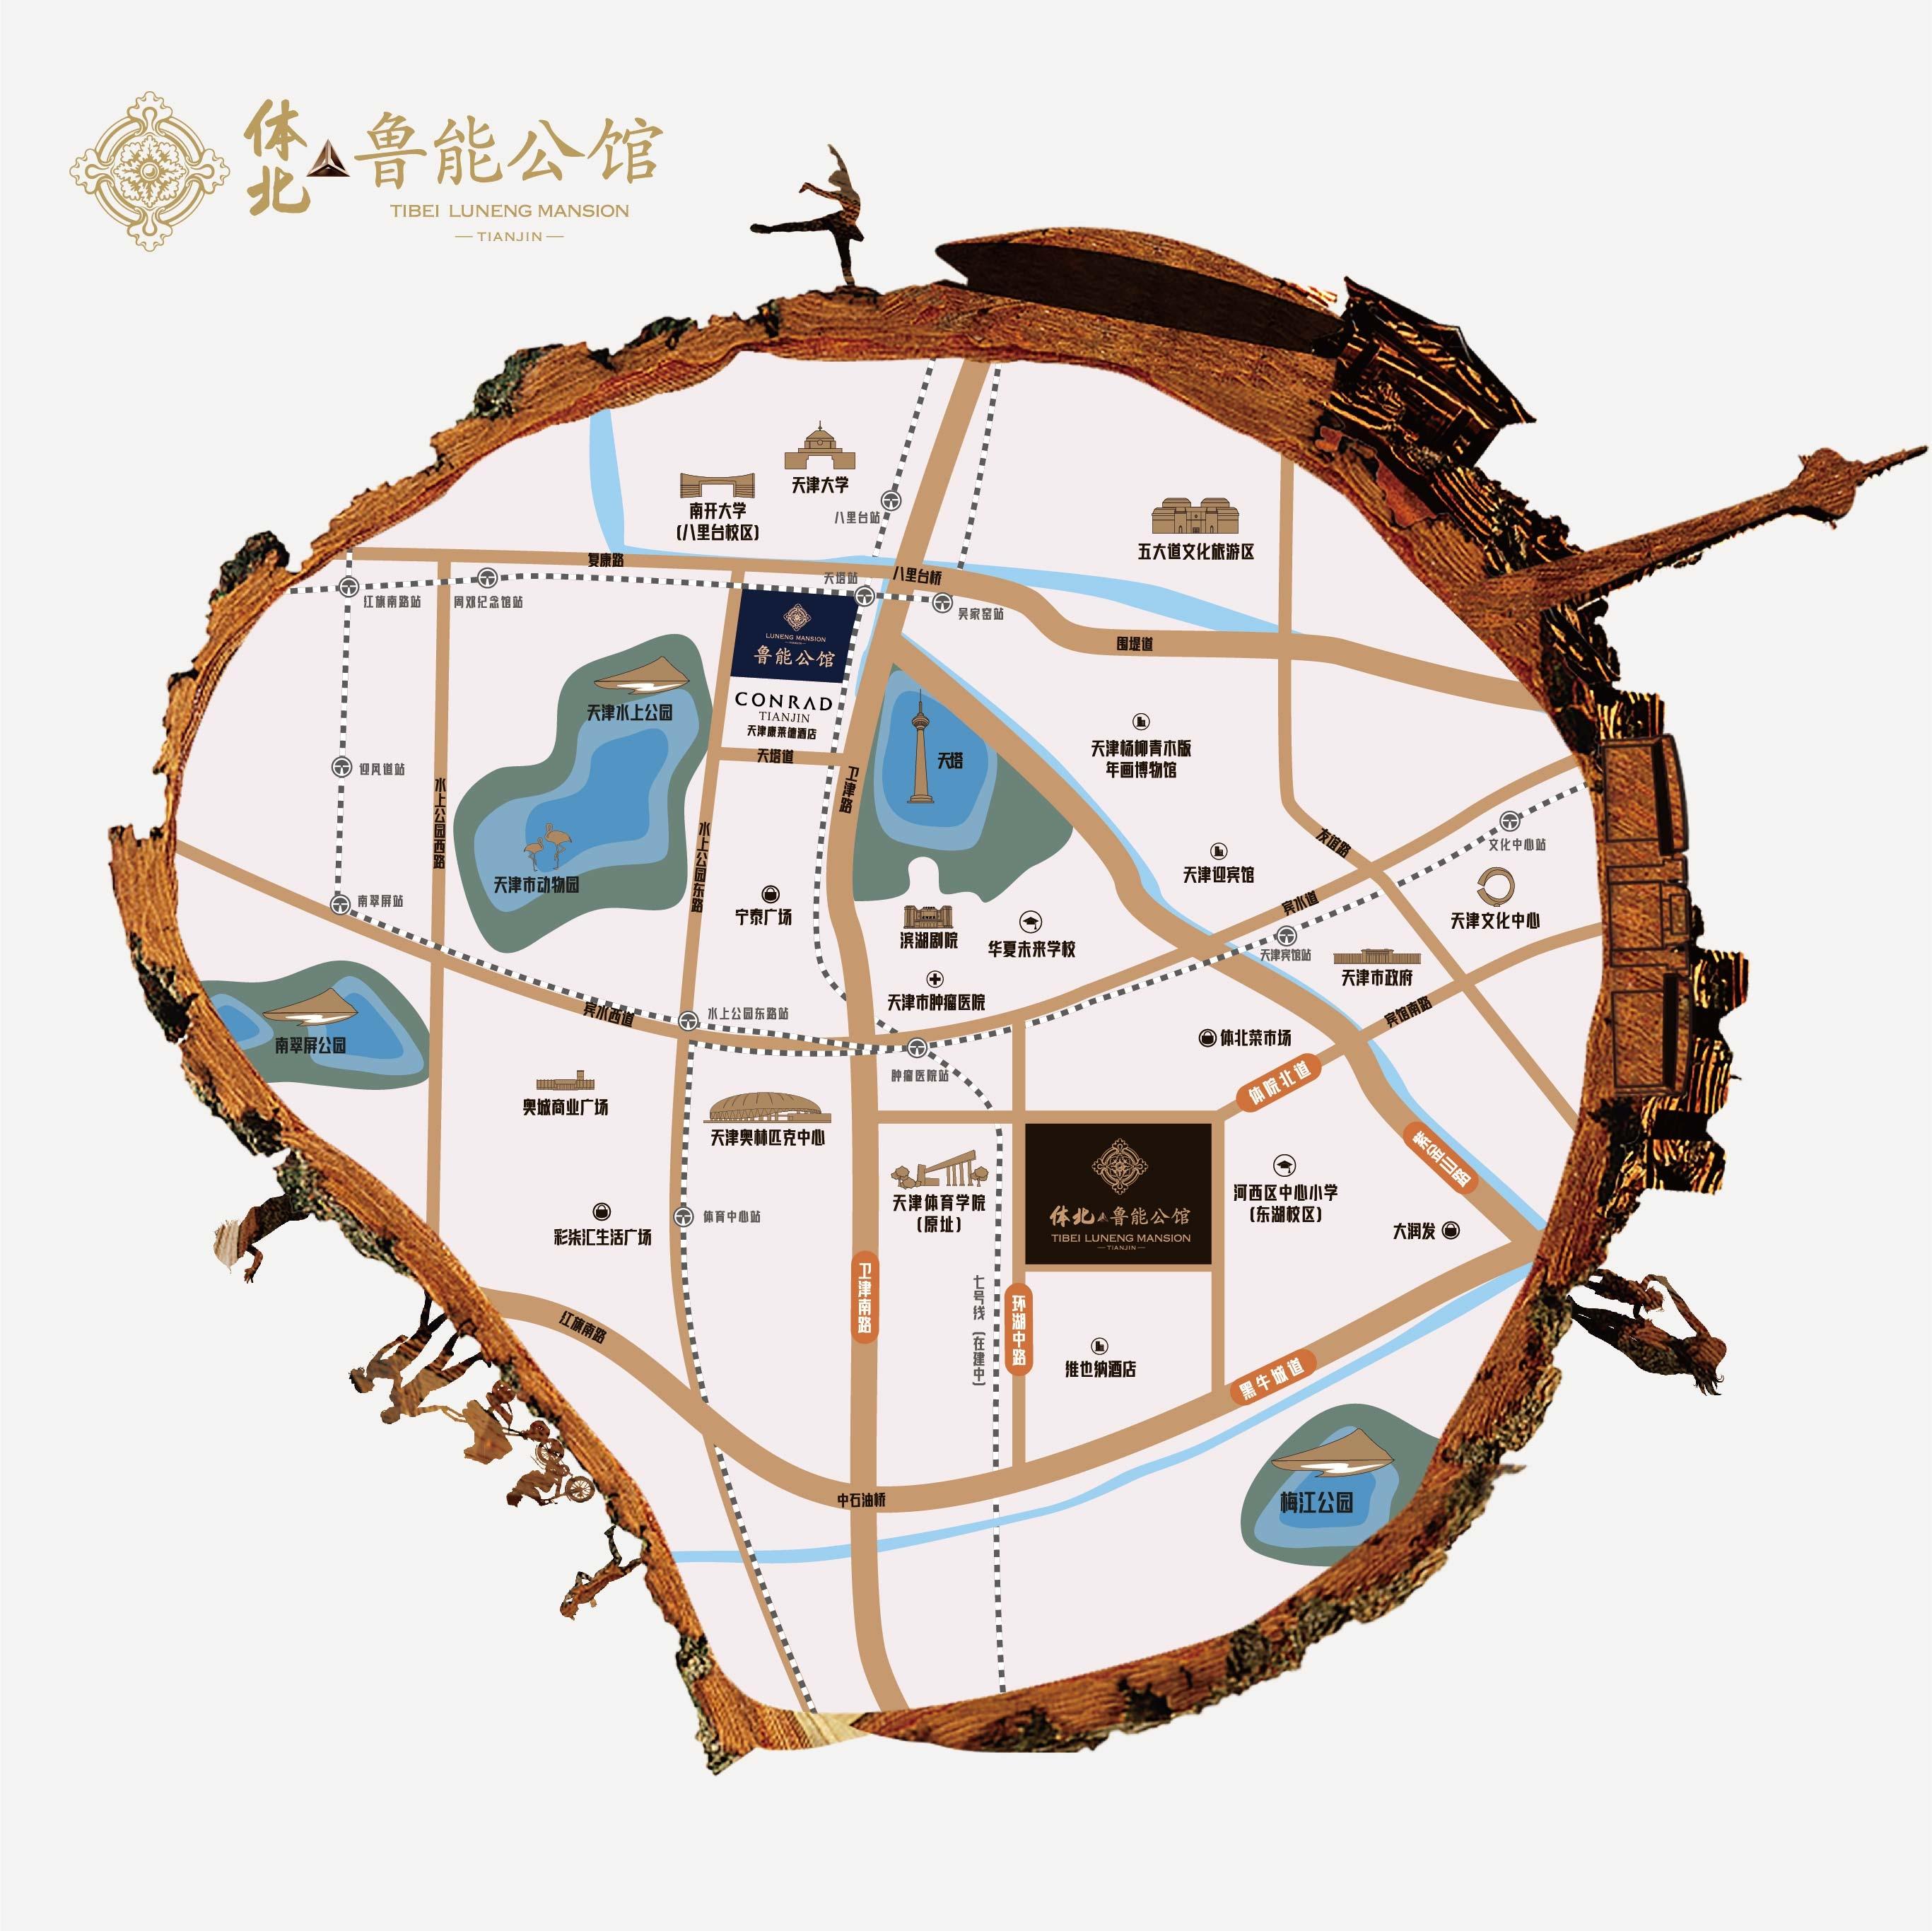 体北·鲁能公馆交通图